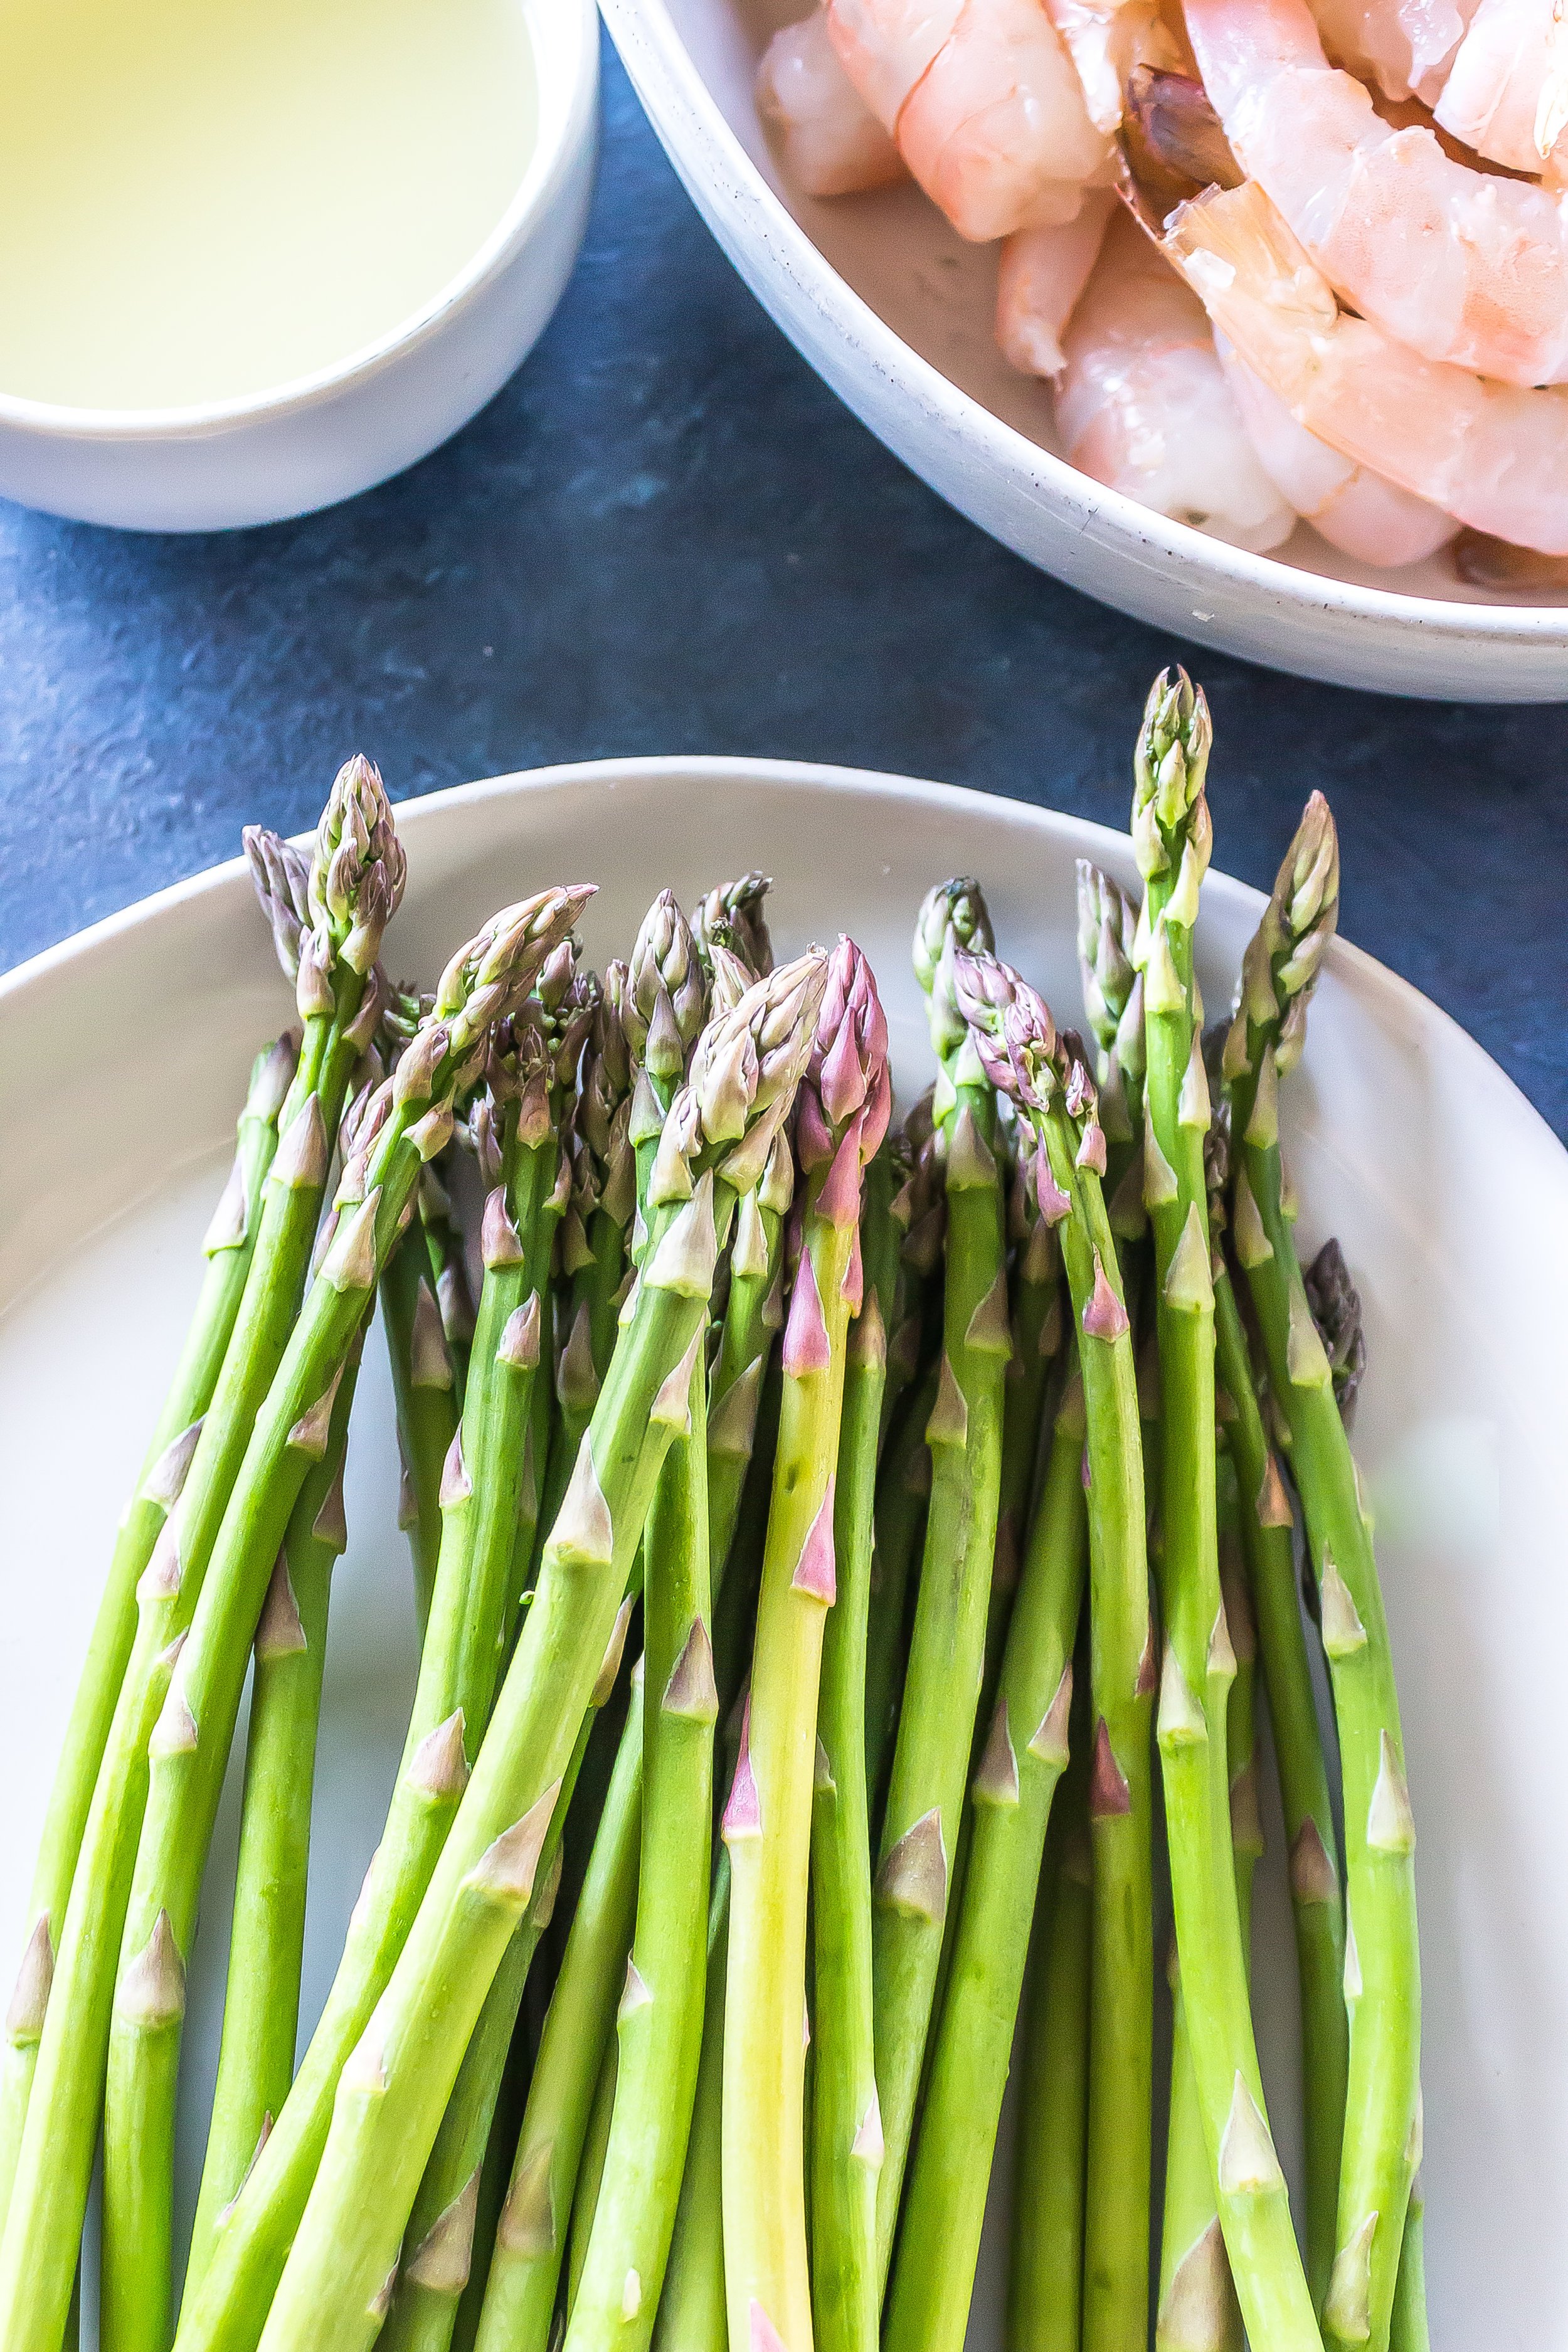 Keto Garlic Butter Shrimp and Aspargus_-2.jpg